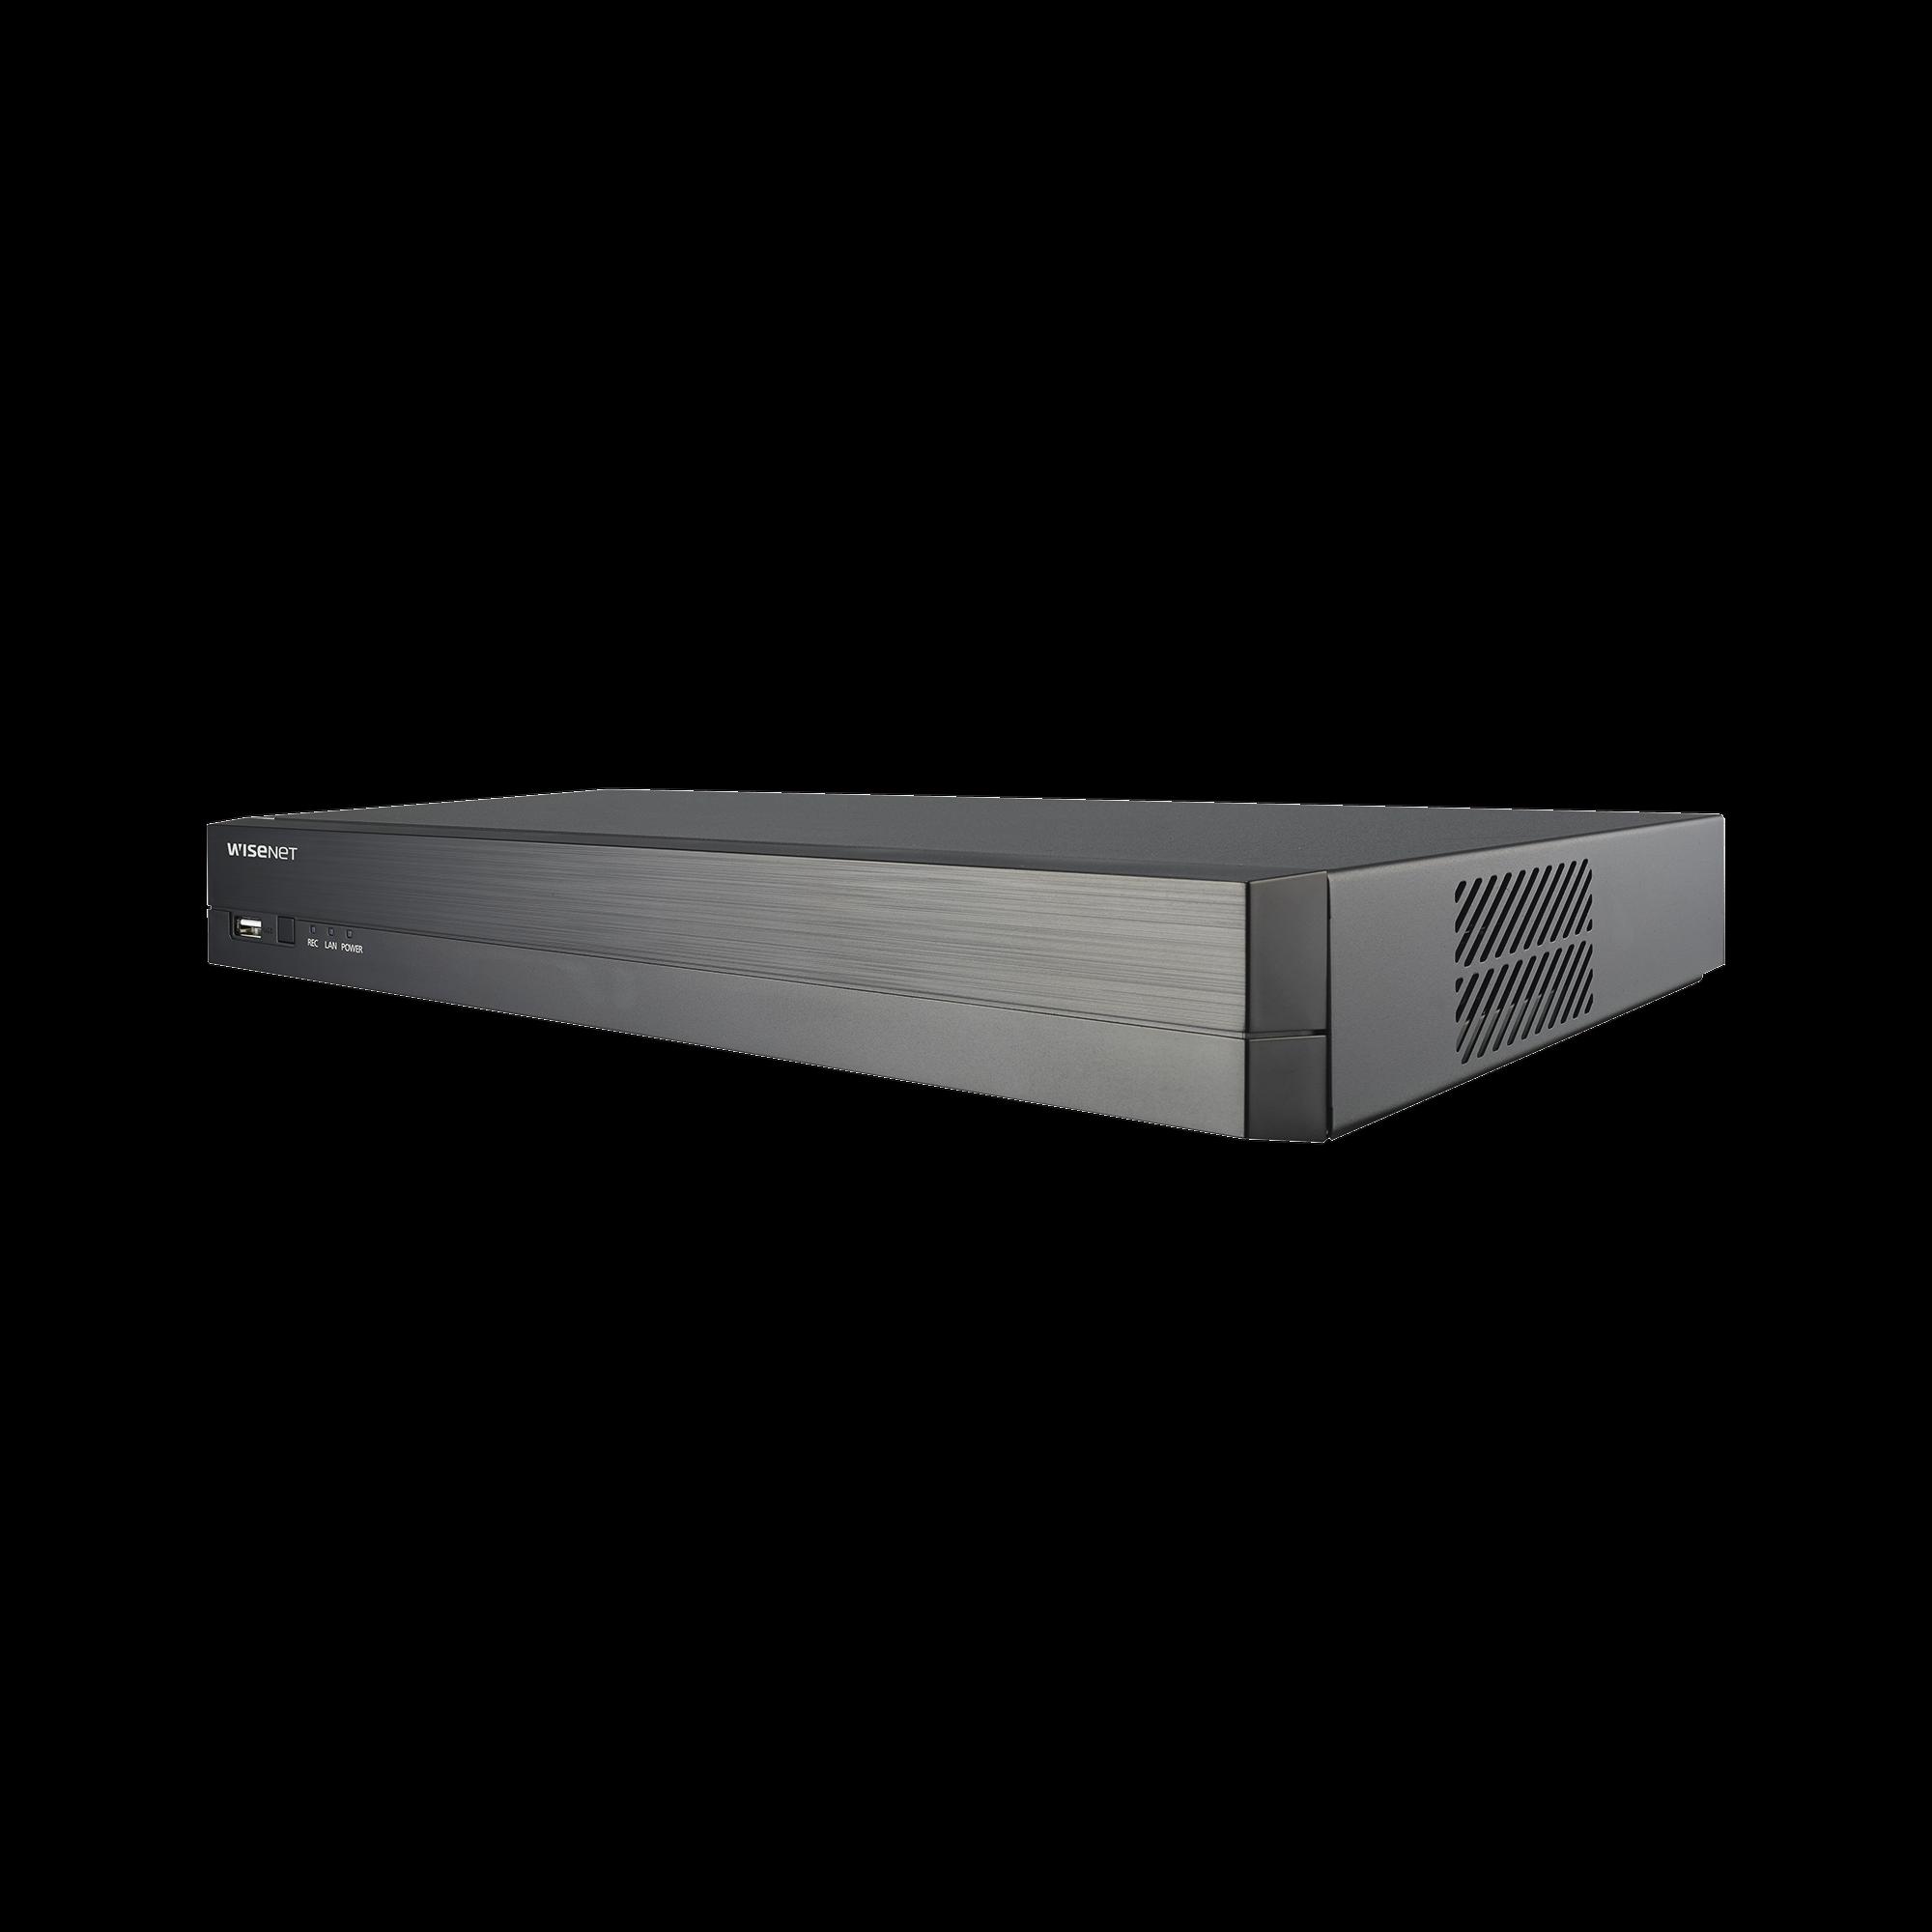 NVR 8 Megapíxel / 4 canales / H.265 / P2P Wisenet / 4 puertos PoE